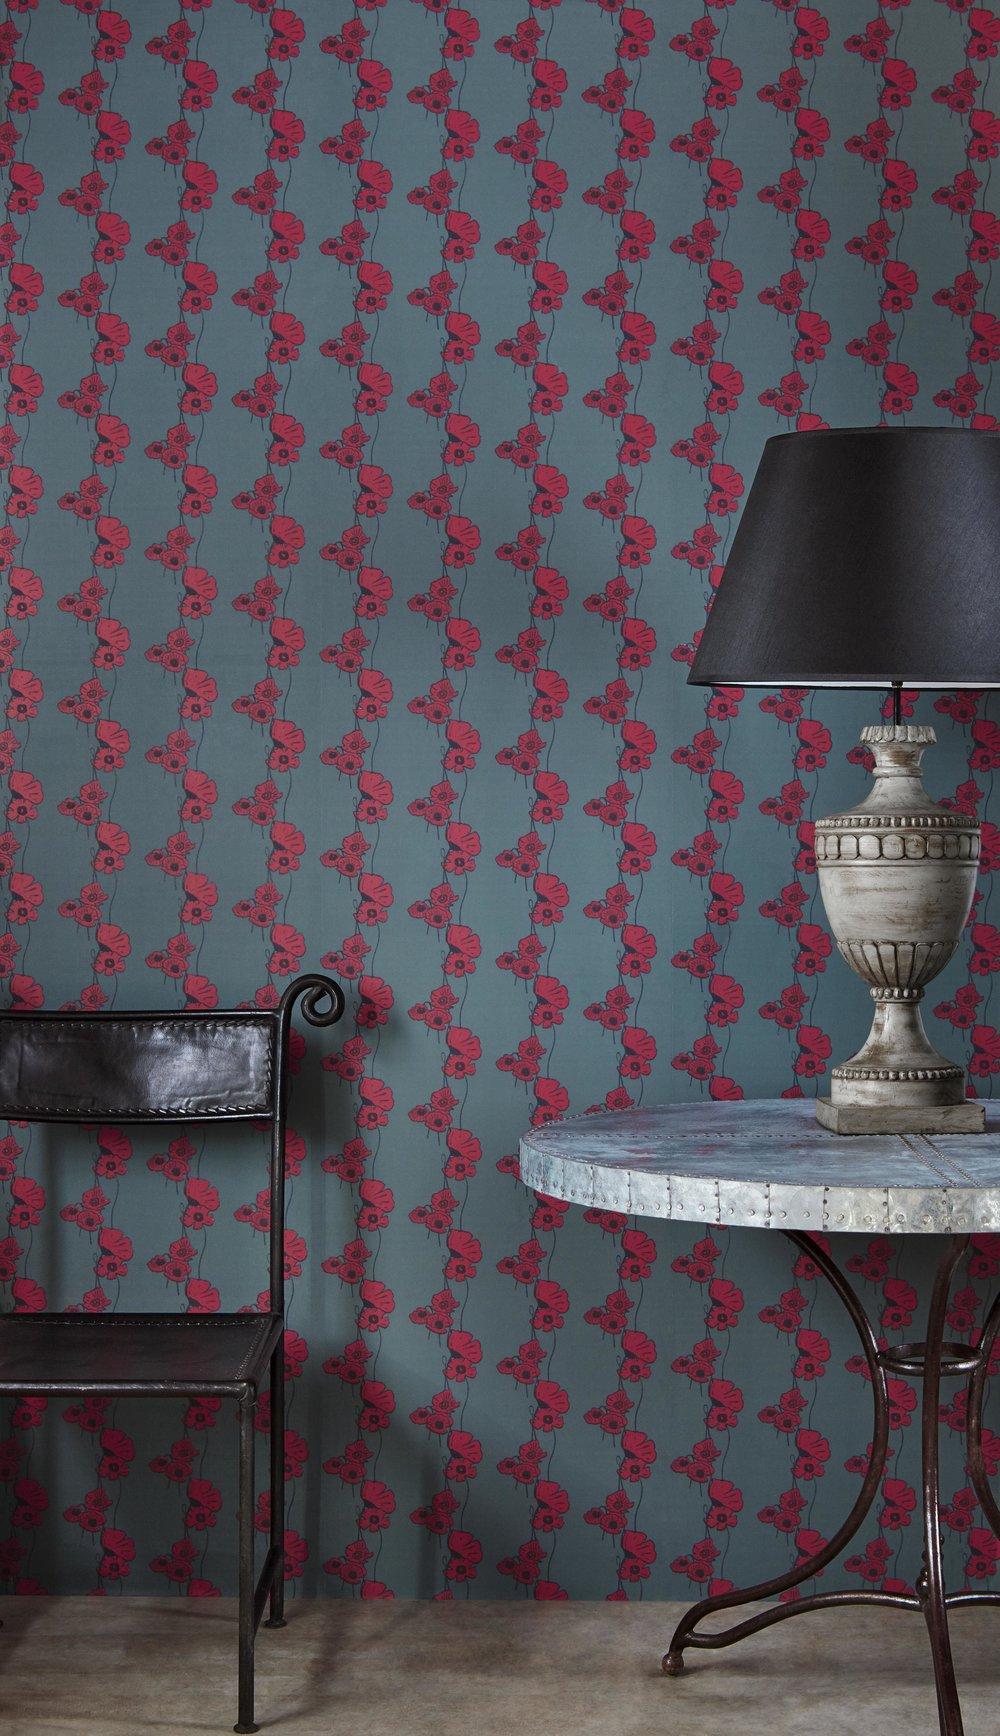 Barneby Gates - Poppy Fields - Red on Gunmetal - Set shot.jpg